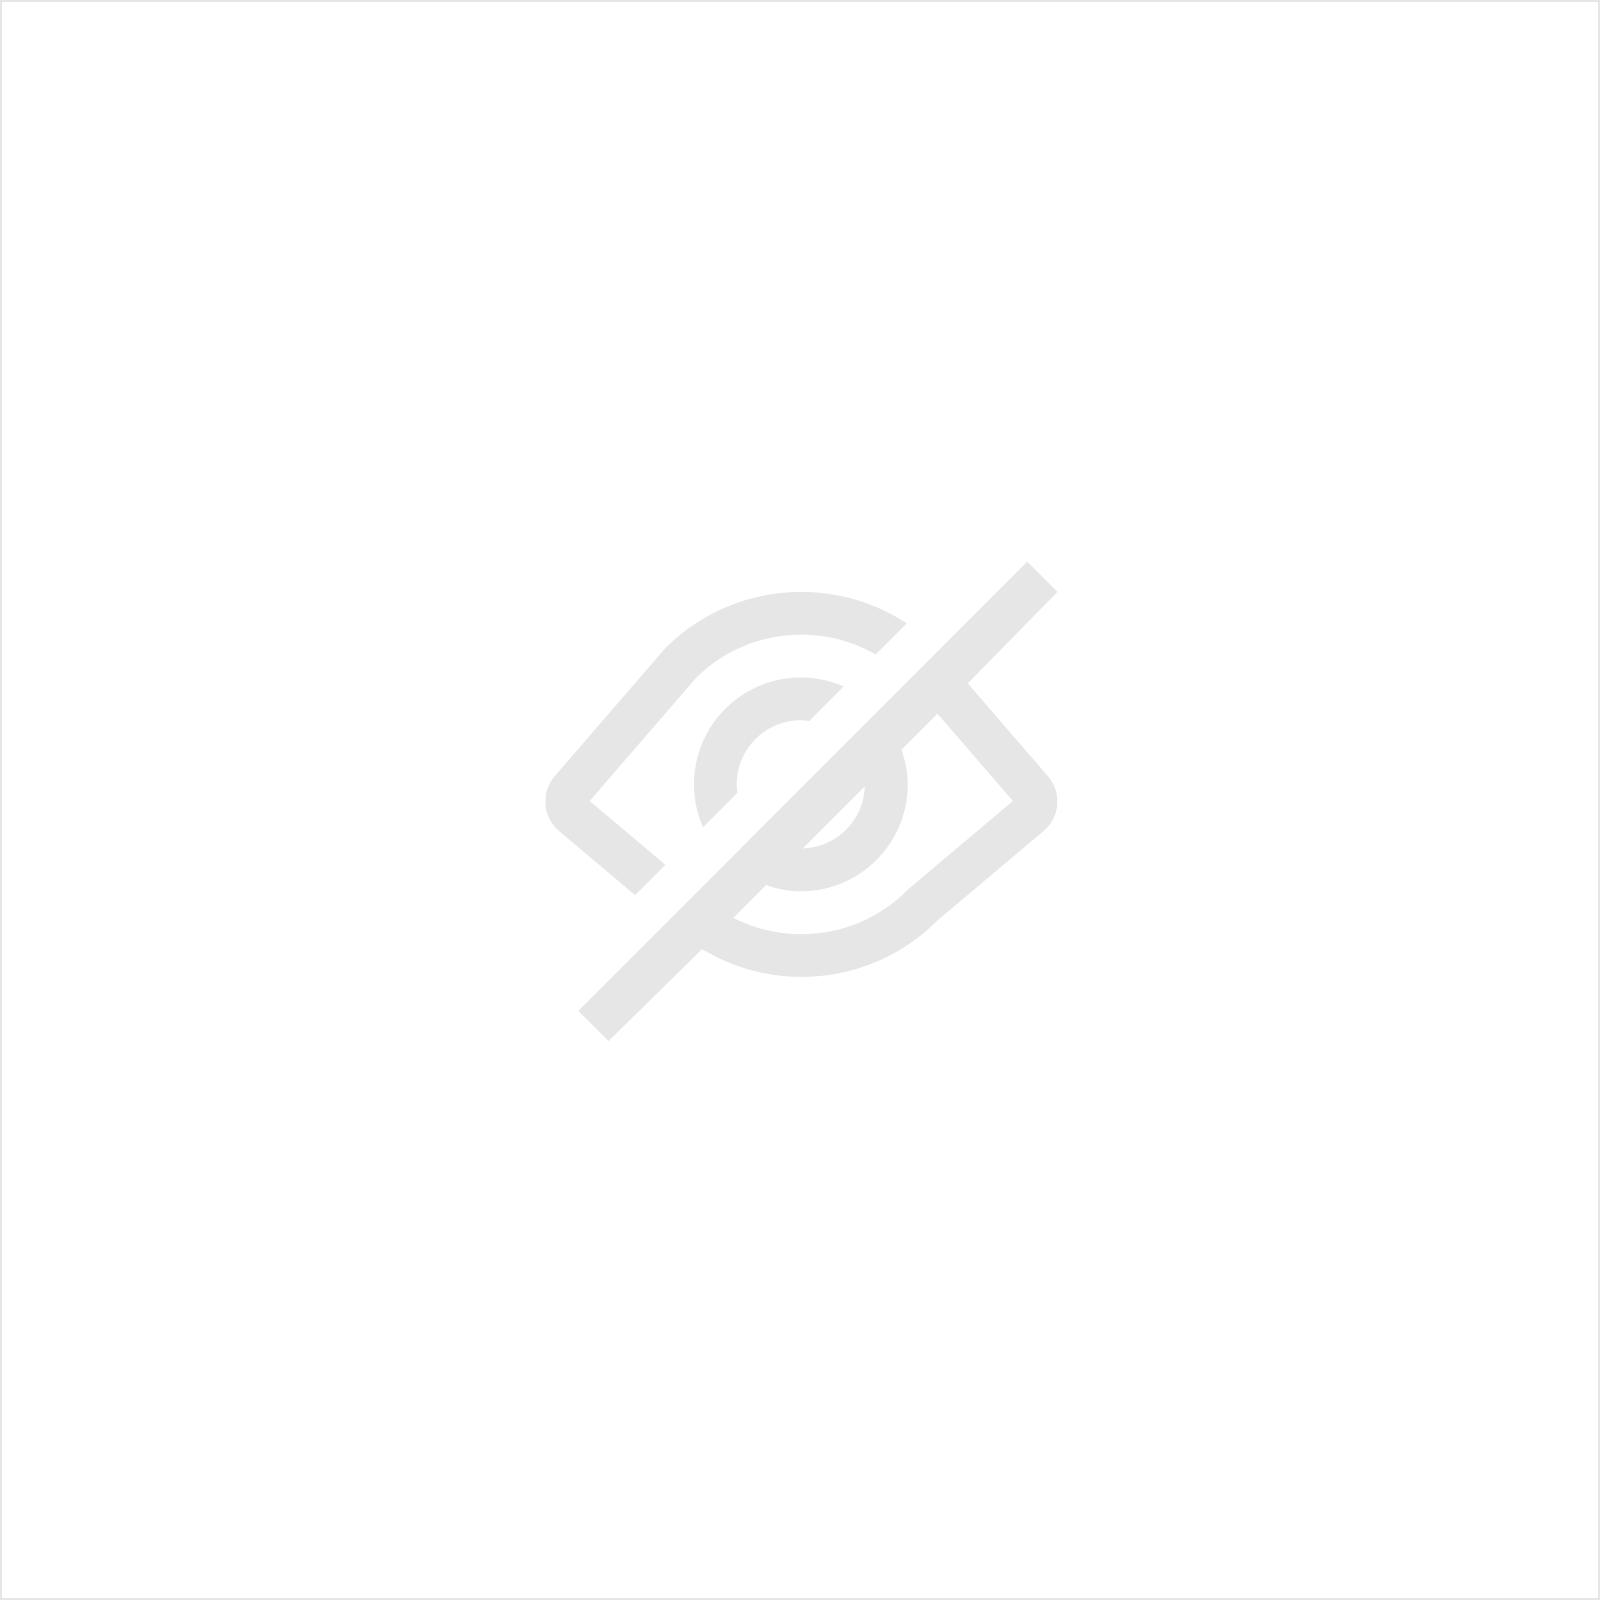 EIGEN FABRICATIE - OPTIONEEL ROLPAAR VOOR BOORD EN LIJSTMACHINE